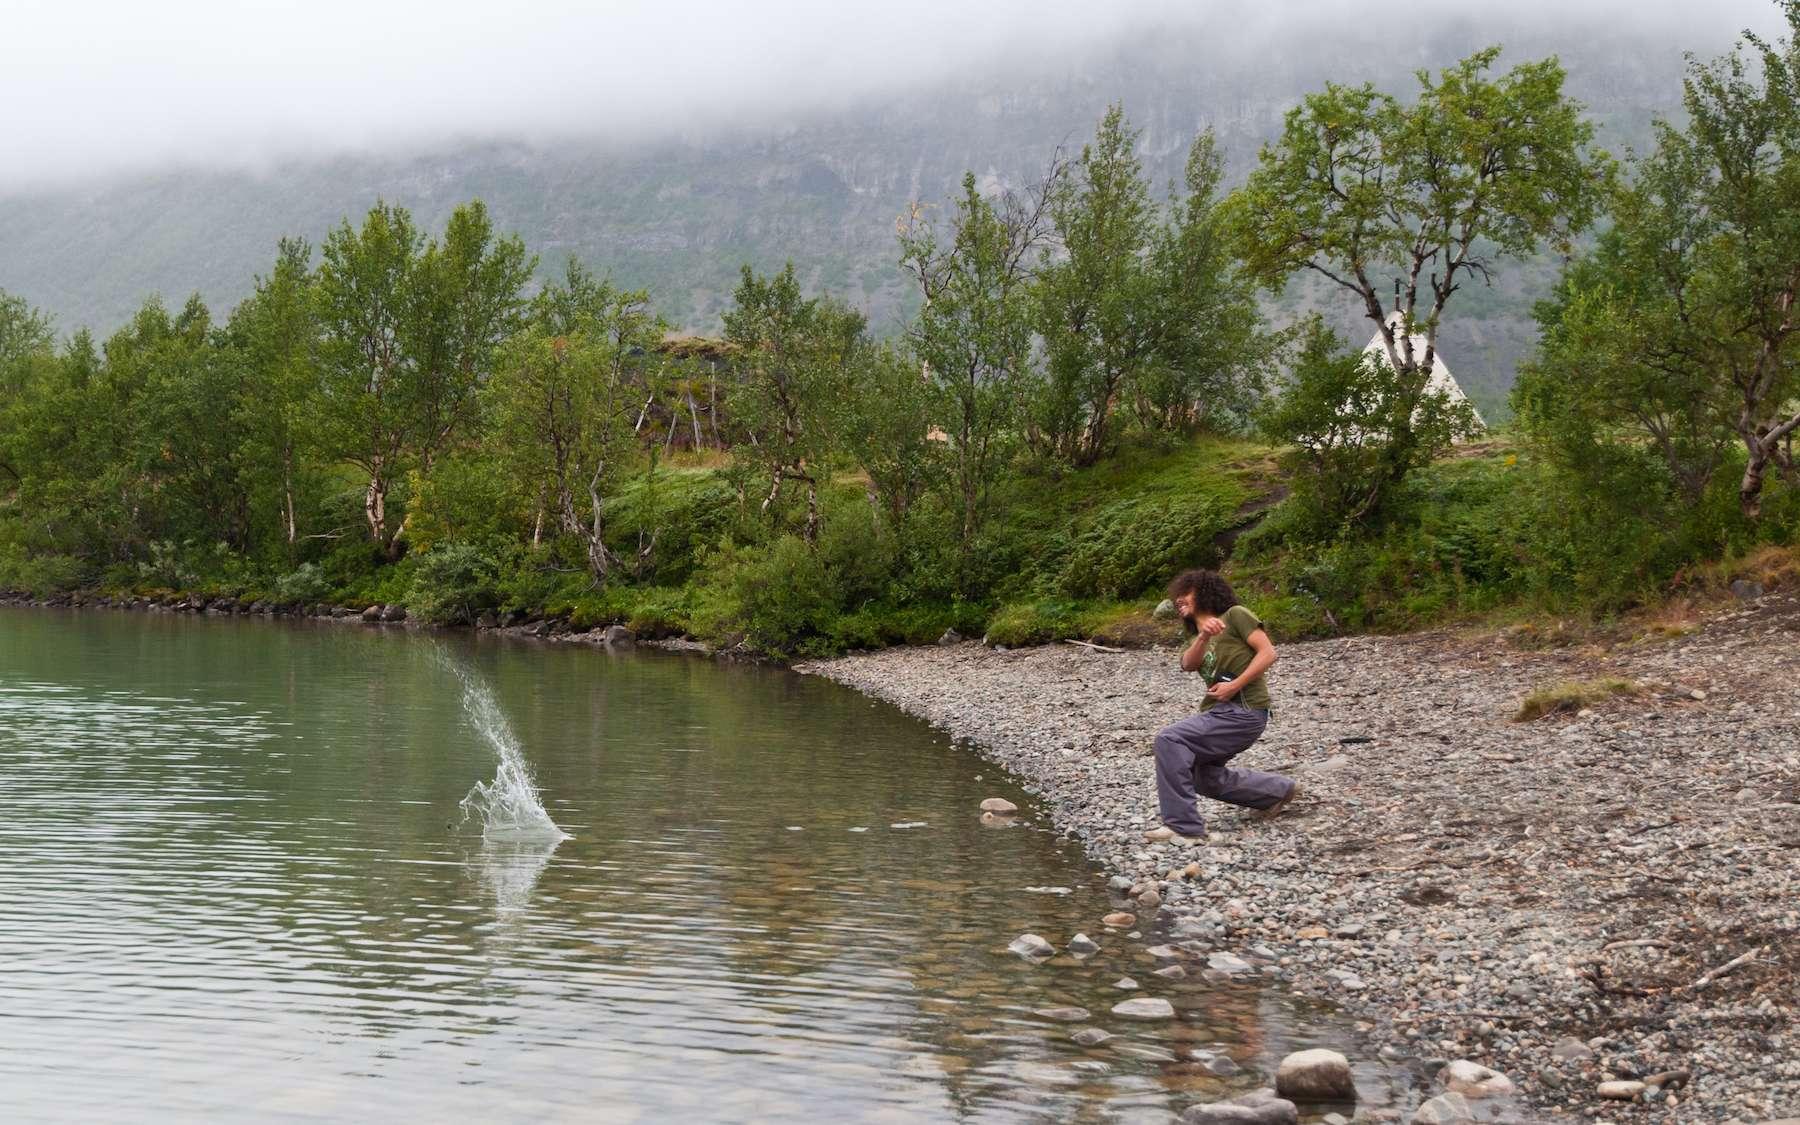 Pour faire des ricochets sur l'eau, il faut réunir plusieurs conditions. © Raphaël Vandon, Flickr, CC by-nc-nd 2.0